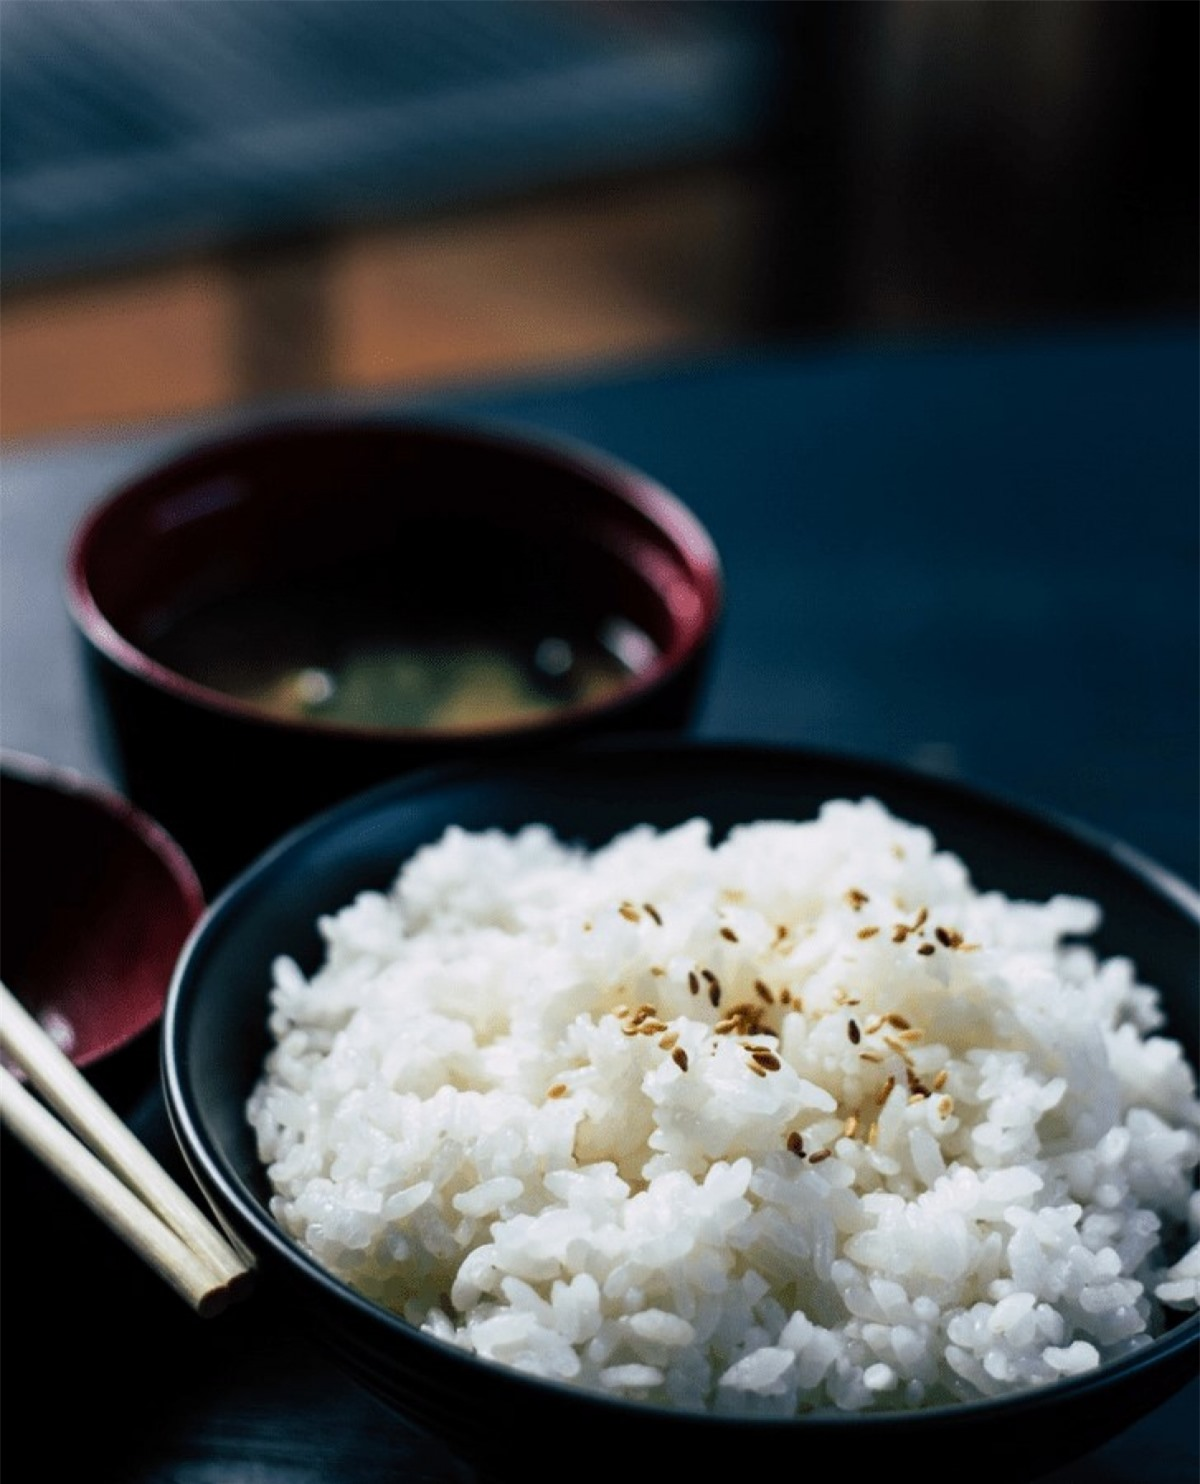 Gạo: Sau khi nấu chín, bạn không nên bảo quản cơm ở nhiệt độ phòng, vì cơm nấu chín rất dễ nhiễm các vi khuẩn gây đau bụng và các vấn đề về tiêu hóa. Nếu bạn không ăn hết cơm ngay, bạn có thể bảo quản cơm trong túi bọc chân không.